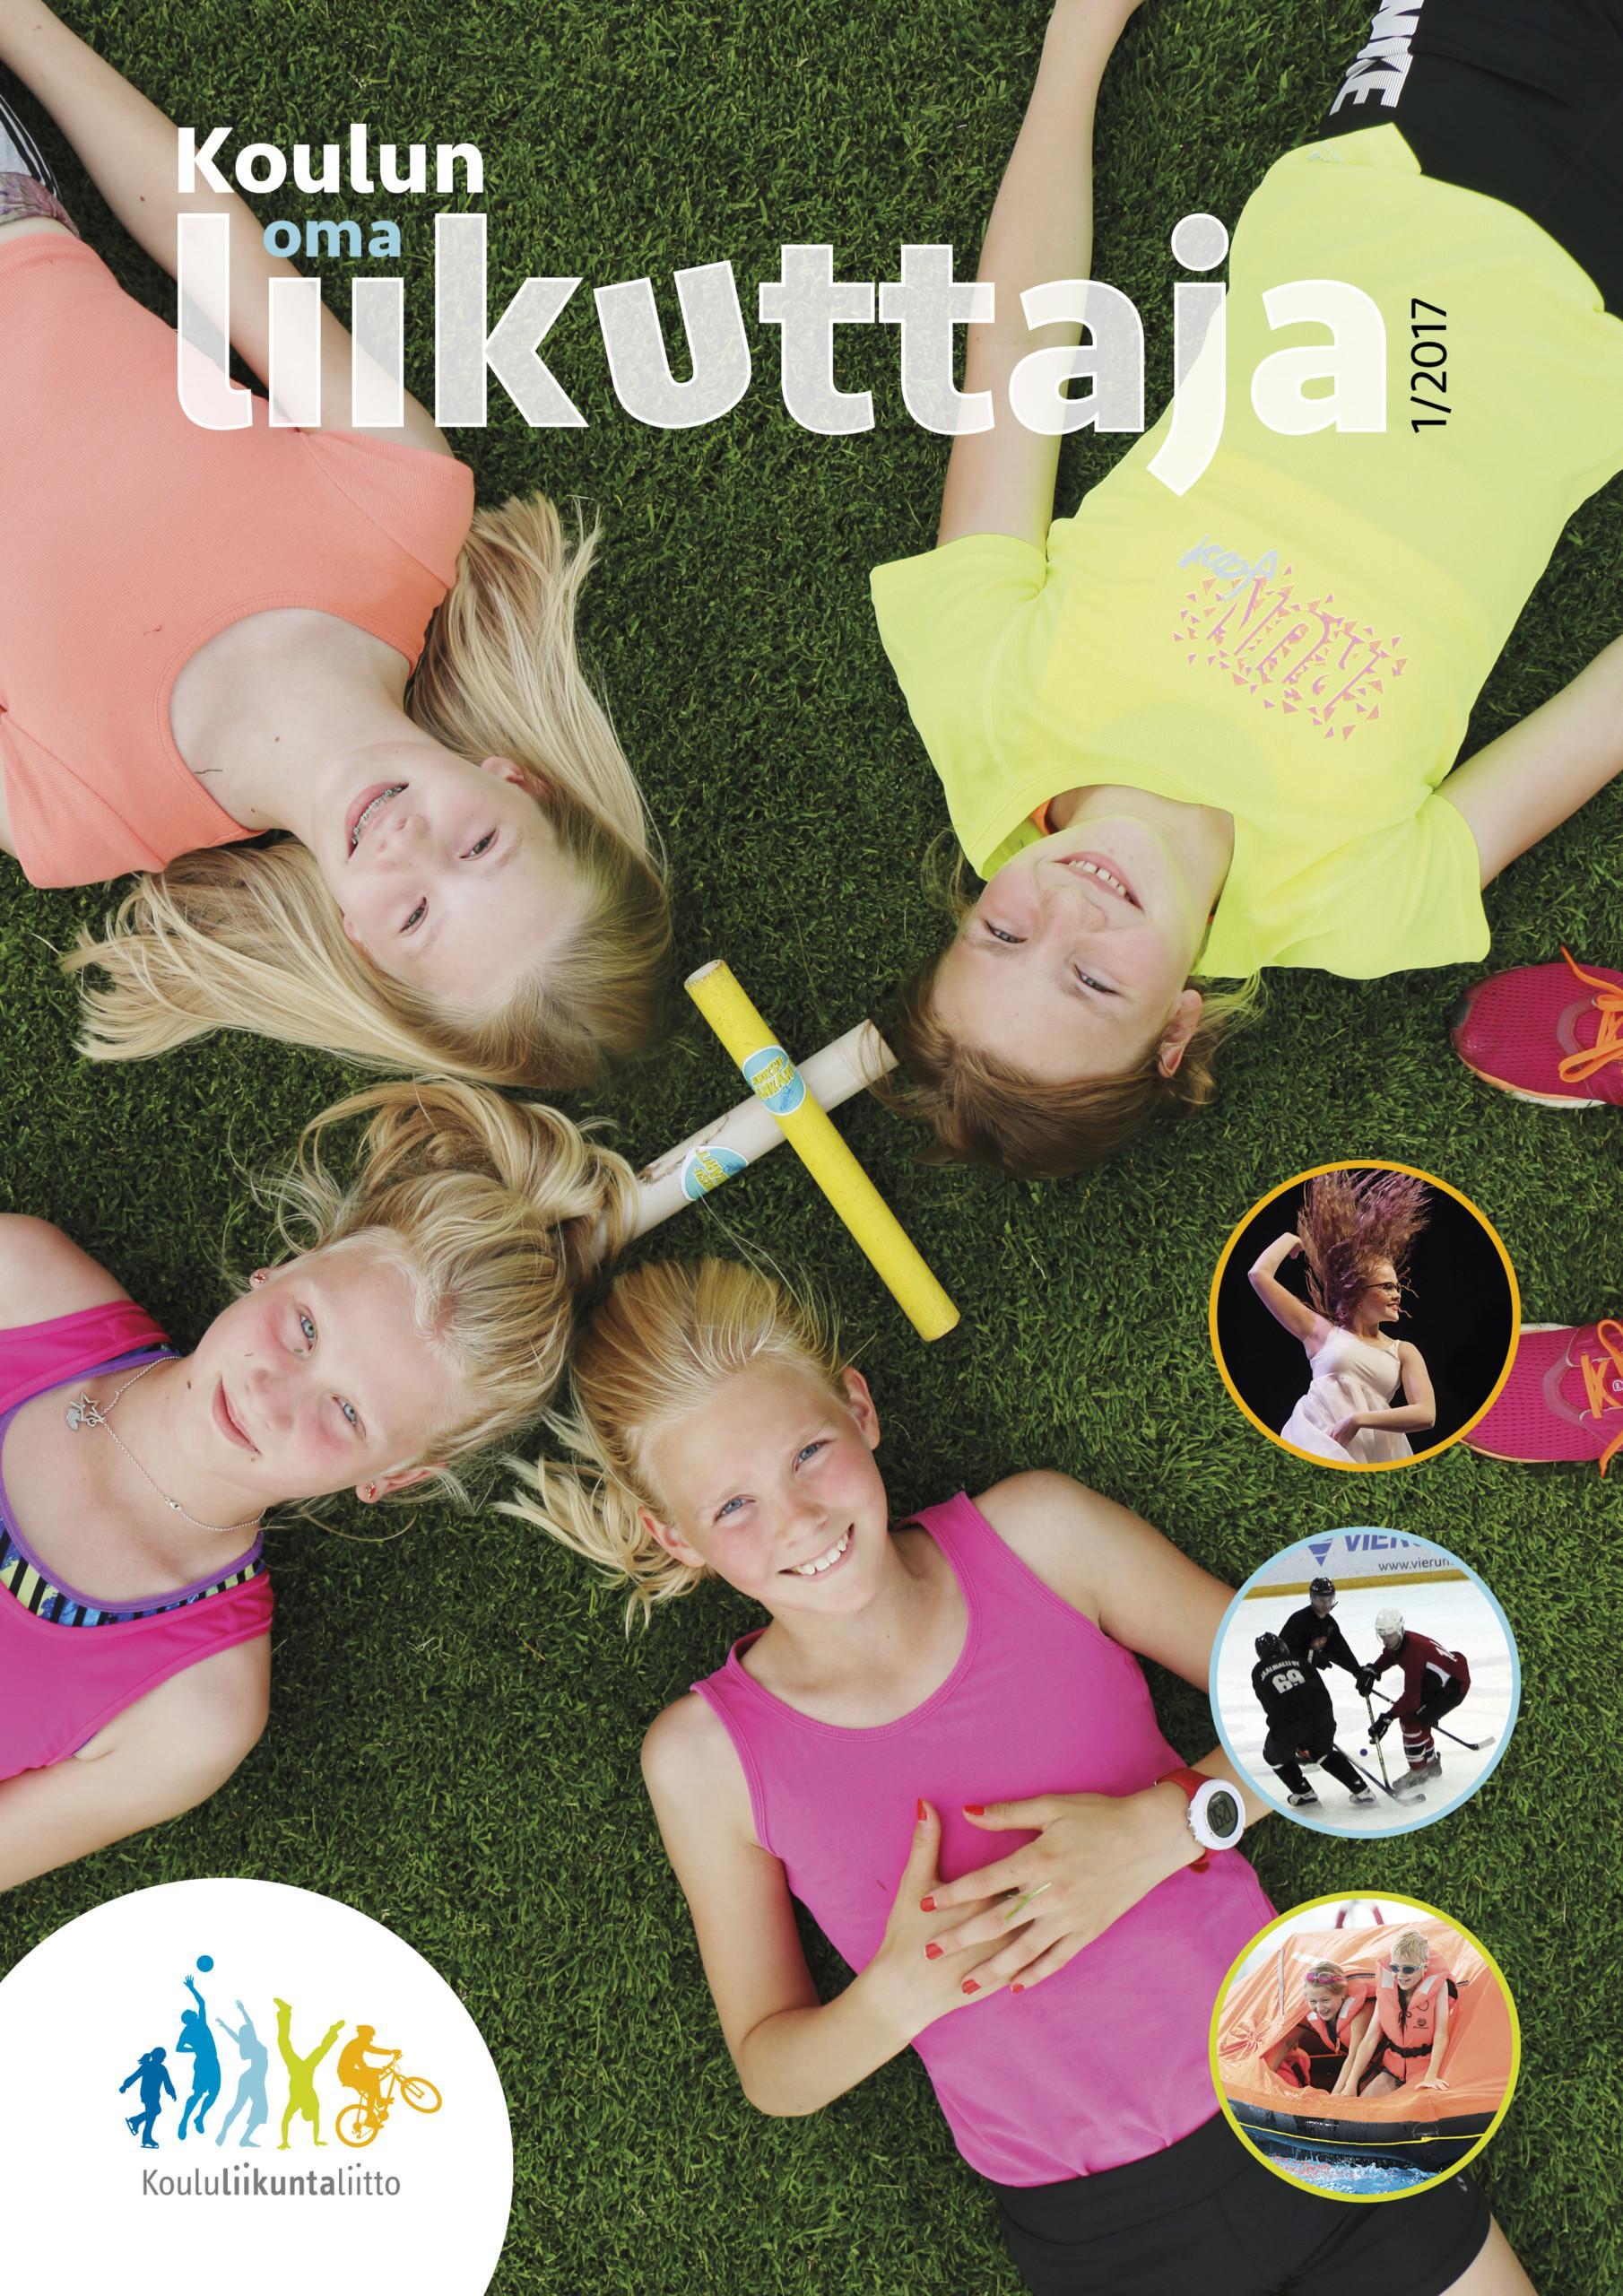 Koulun oma liikuttaja 1-2017 kansi, jossa neljä tyttöä makaa nurmikolla selällään ja katsoo ylös.